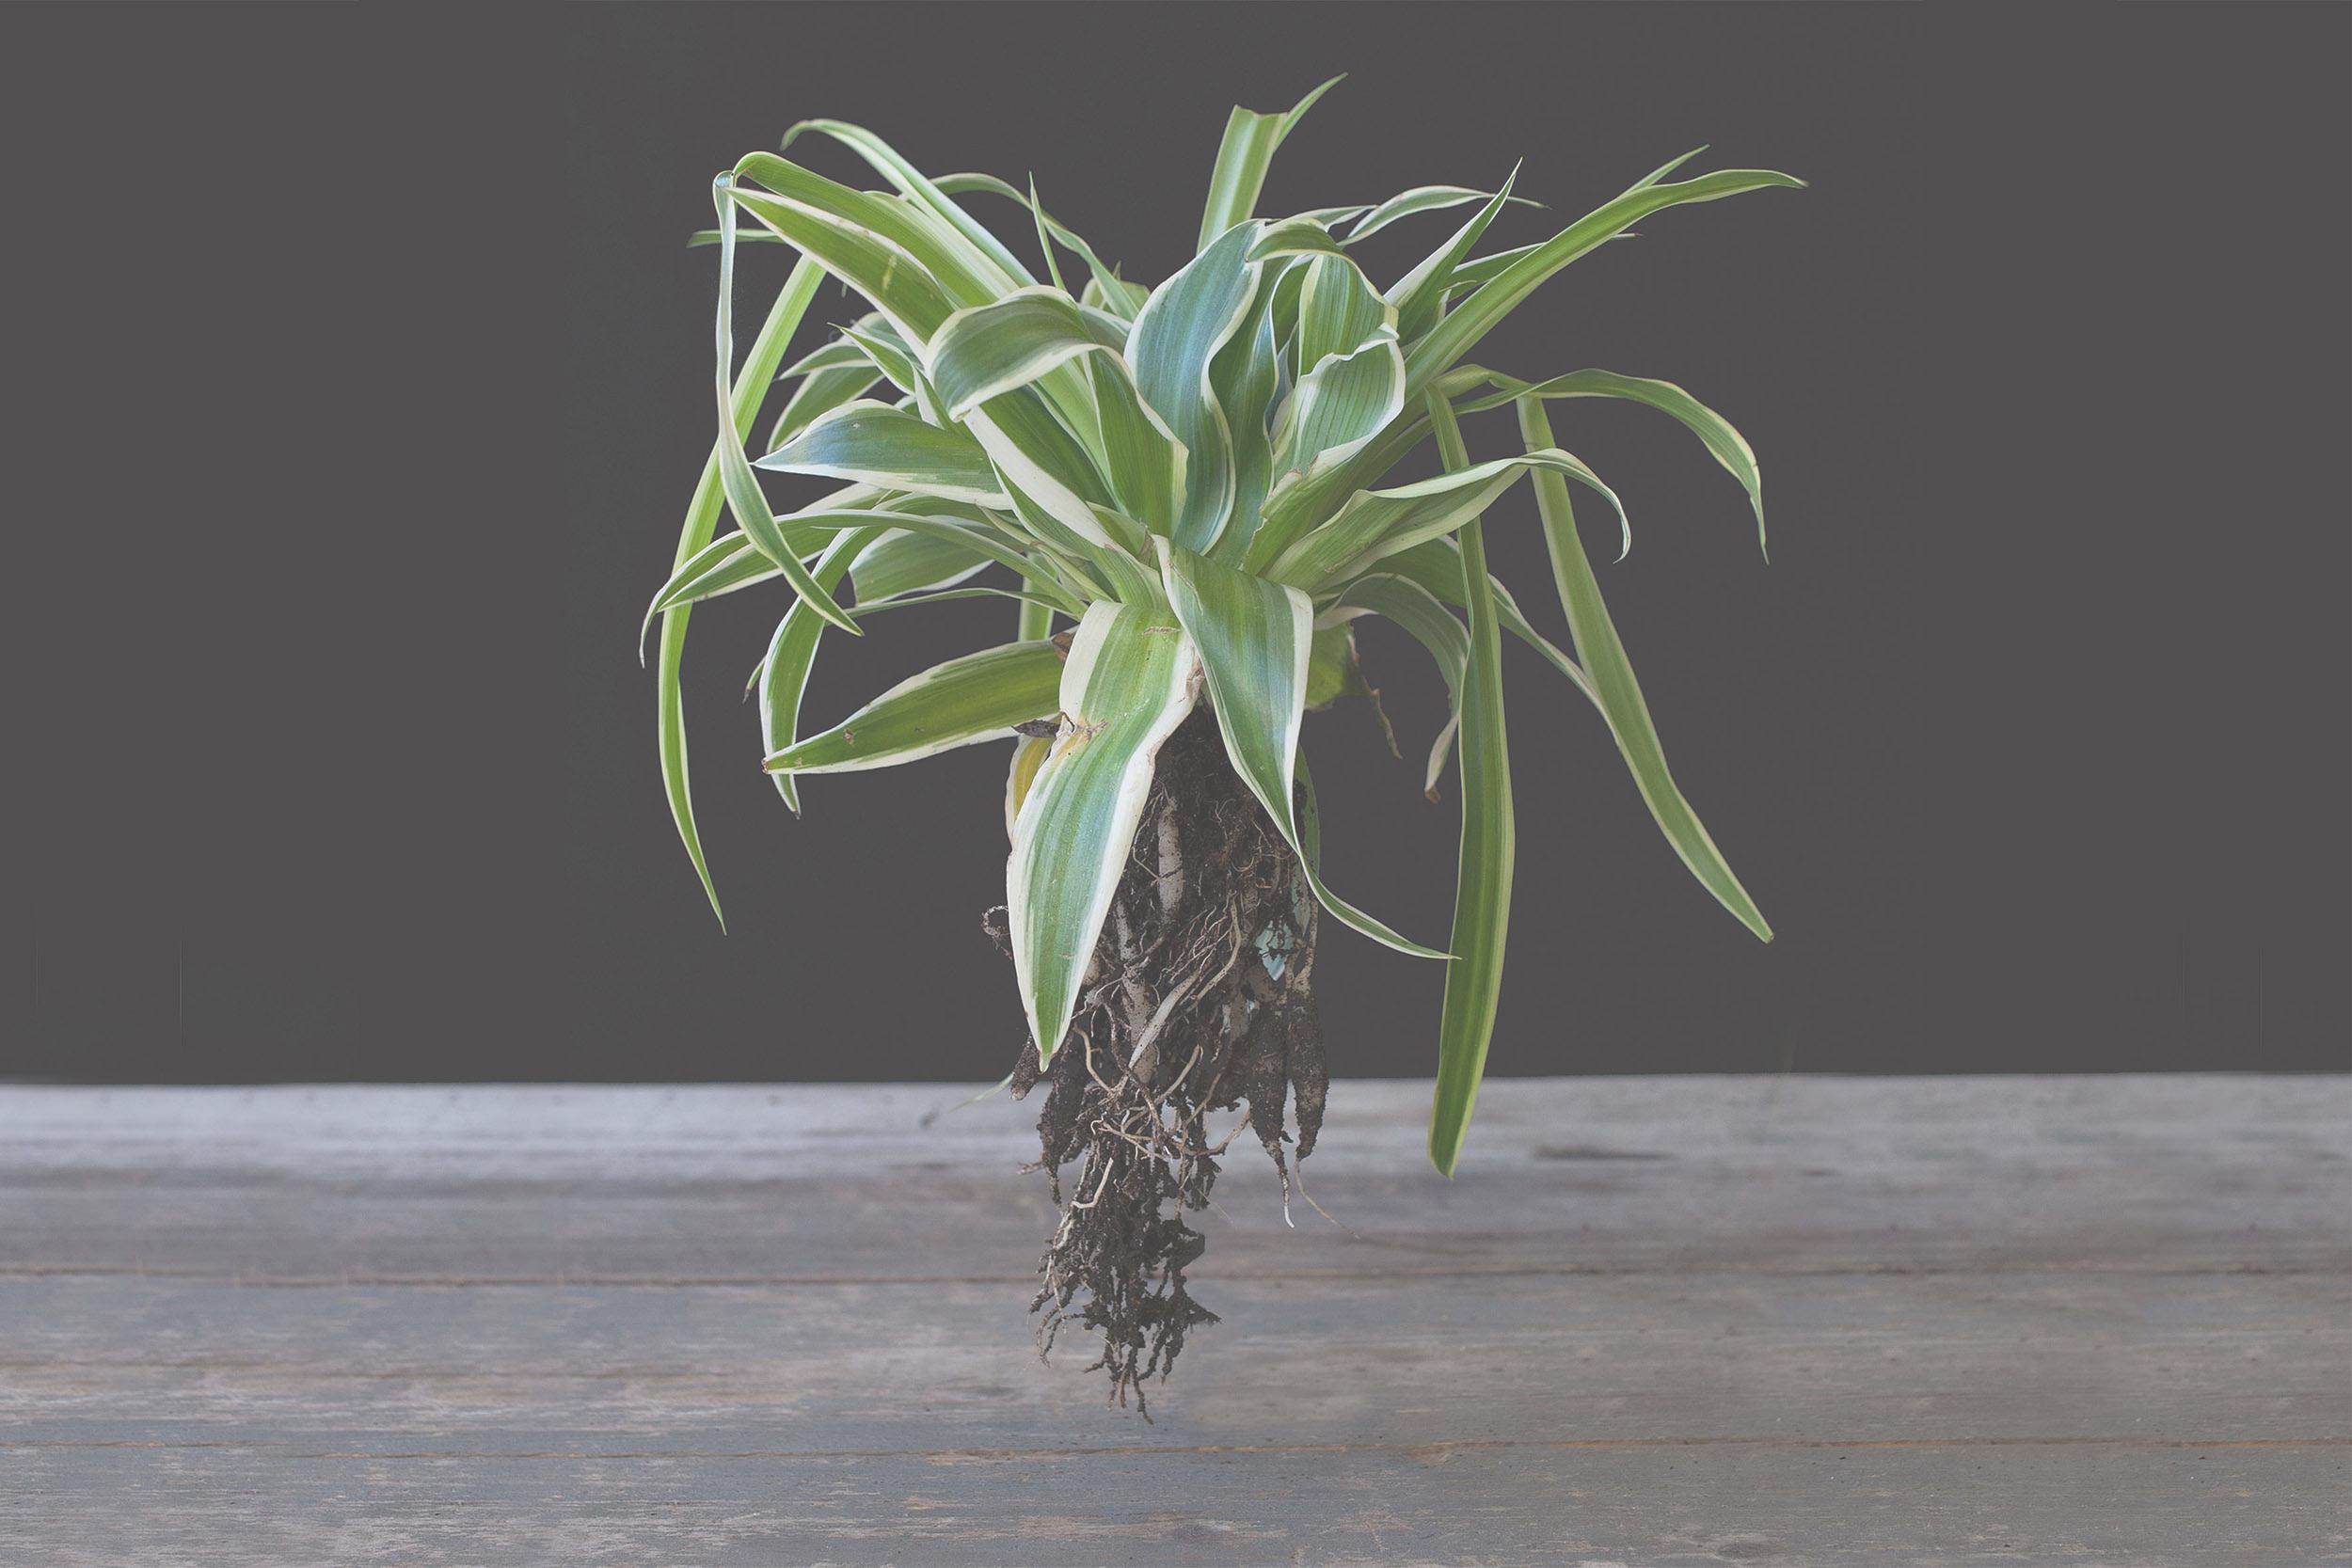 Isabelle-Palé-Photographe_crea-plantes_001A